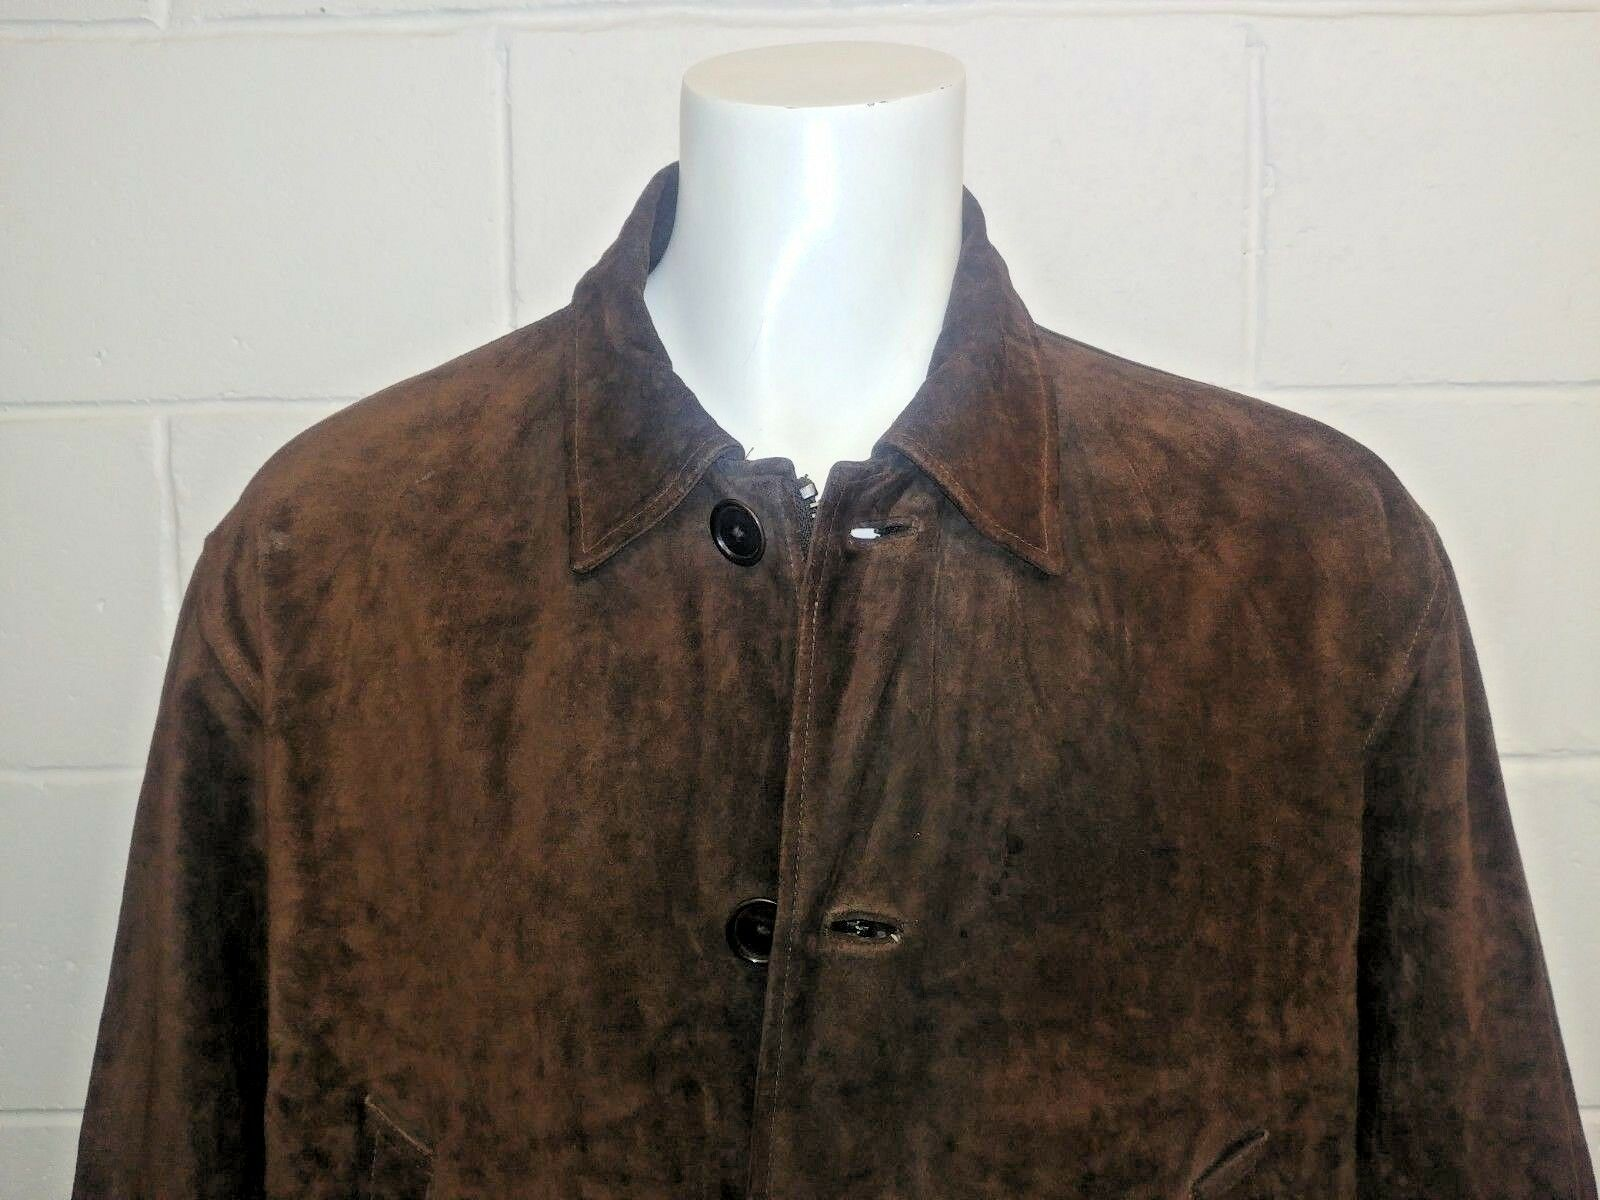 Ralph LAUREN POLO 100% pelle pelle pelle scamosciata cappotto auto con fodera in misto lana/. Taglia L 8113aa